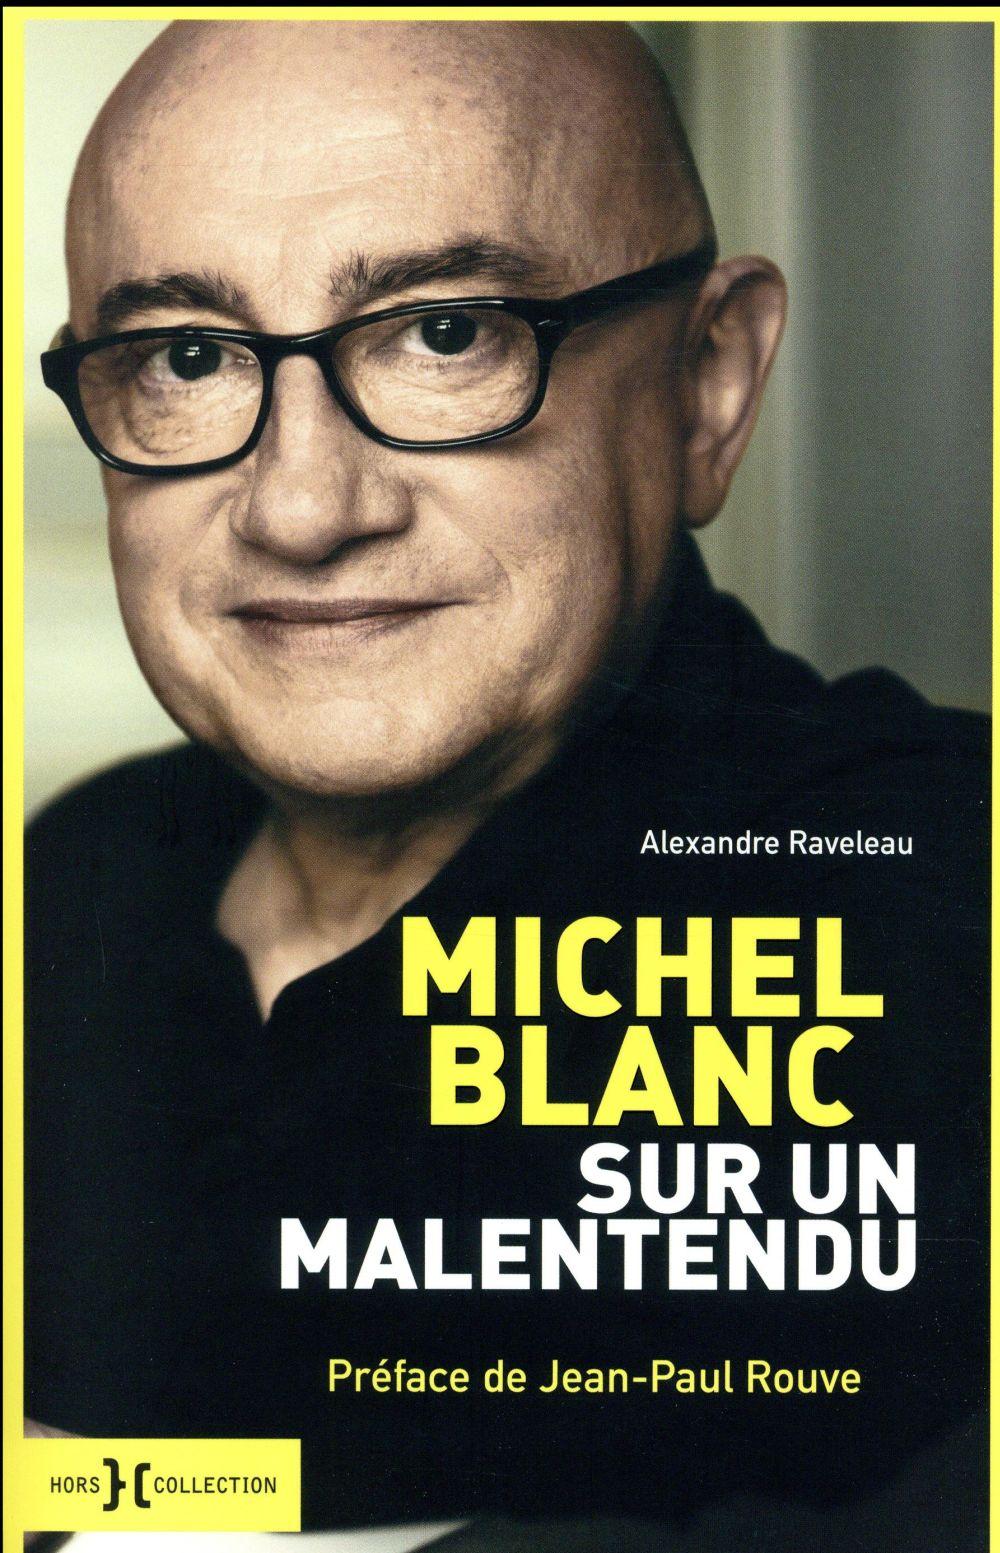 Michel blanc ; sur un malentendu